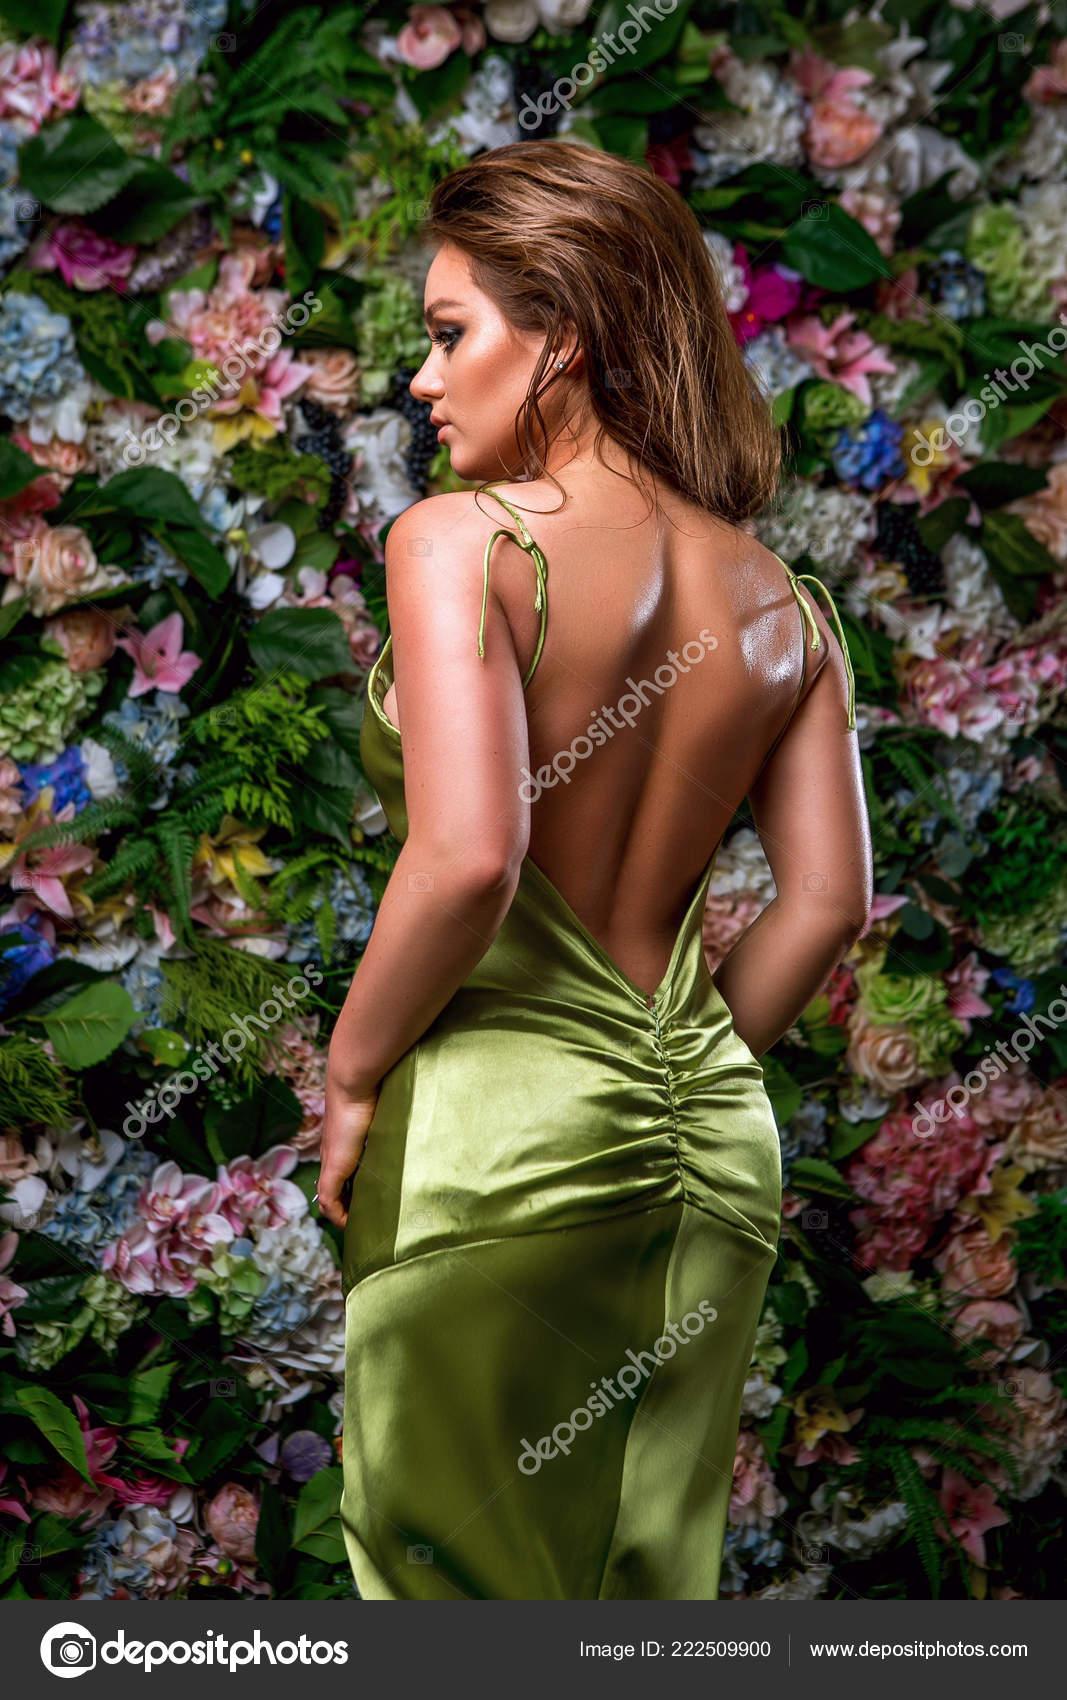 9a609f913c7 Sexy Jeune Femme Magnifique Robe Verte Sur Fond Fleurs Gracieuse– images de  stock libres de droits